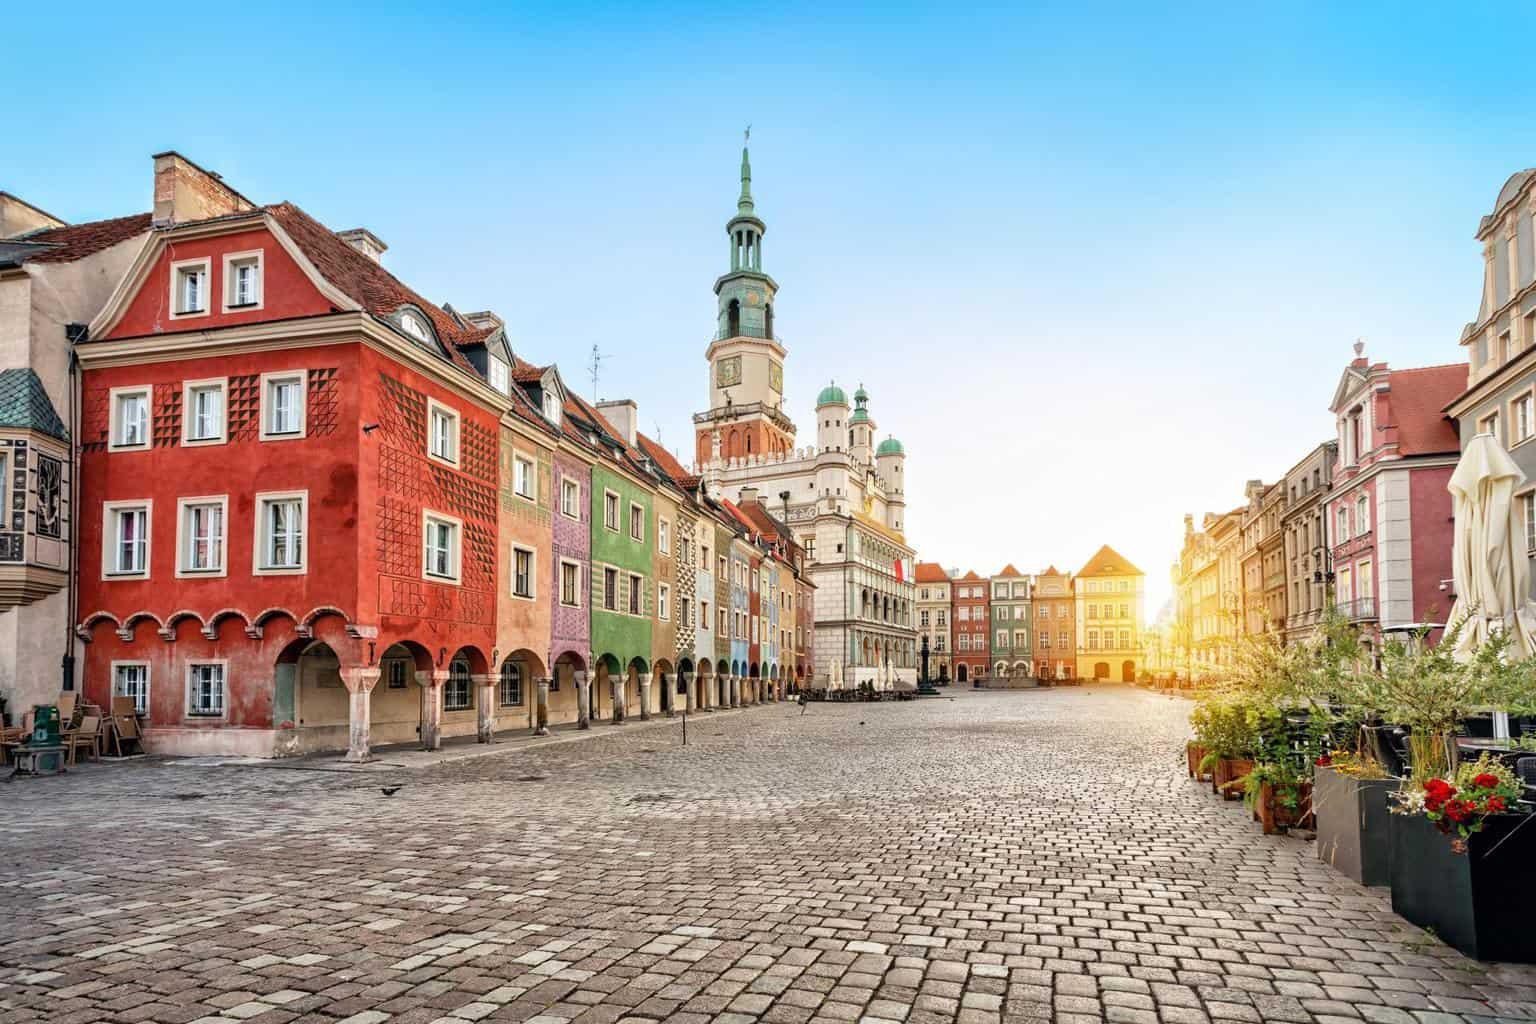 Produktionsstart des polnischen E-Autos Izera verzögert sich um ein Jahr